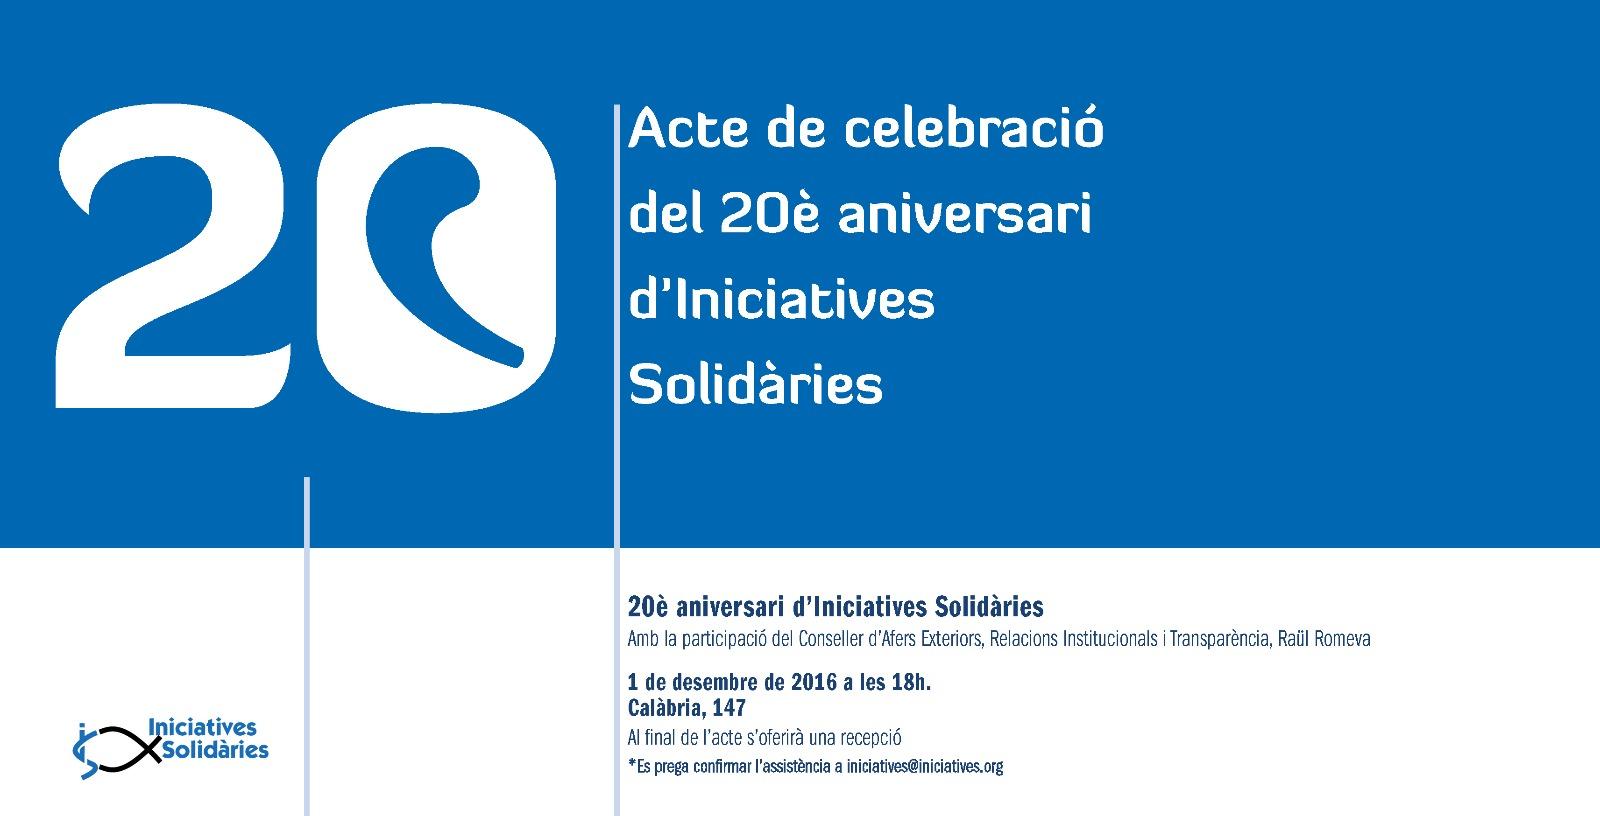 20è Aniversari d'Iniciatives Solidàries, 1 de desembre